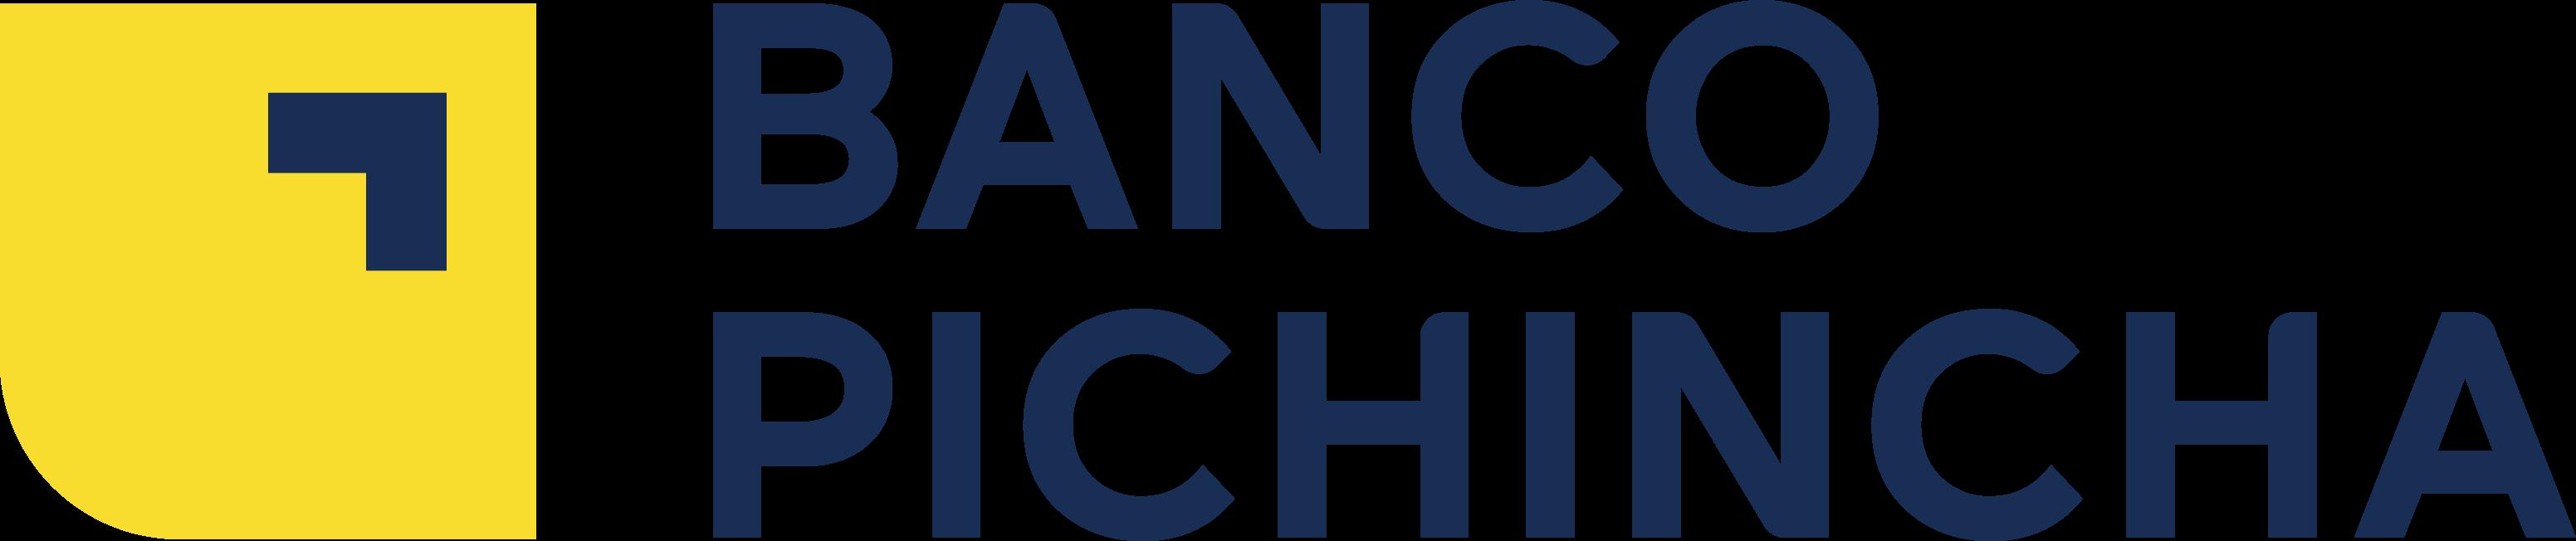 Pichincha Microfinanzas